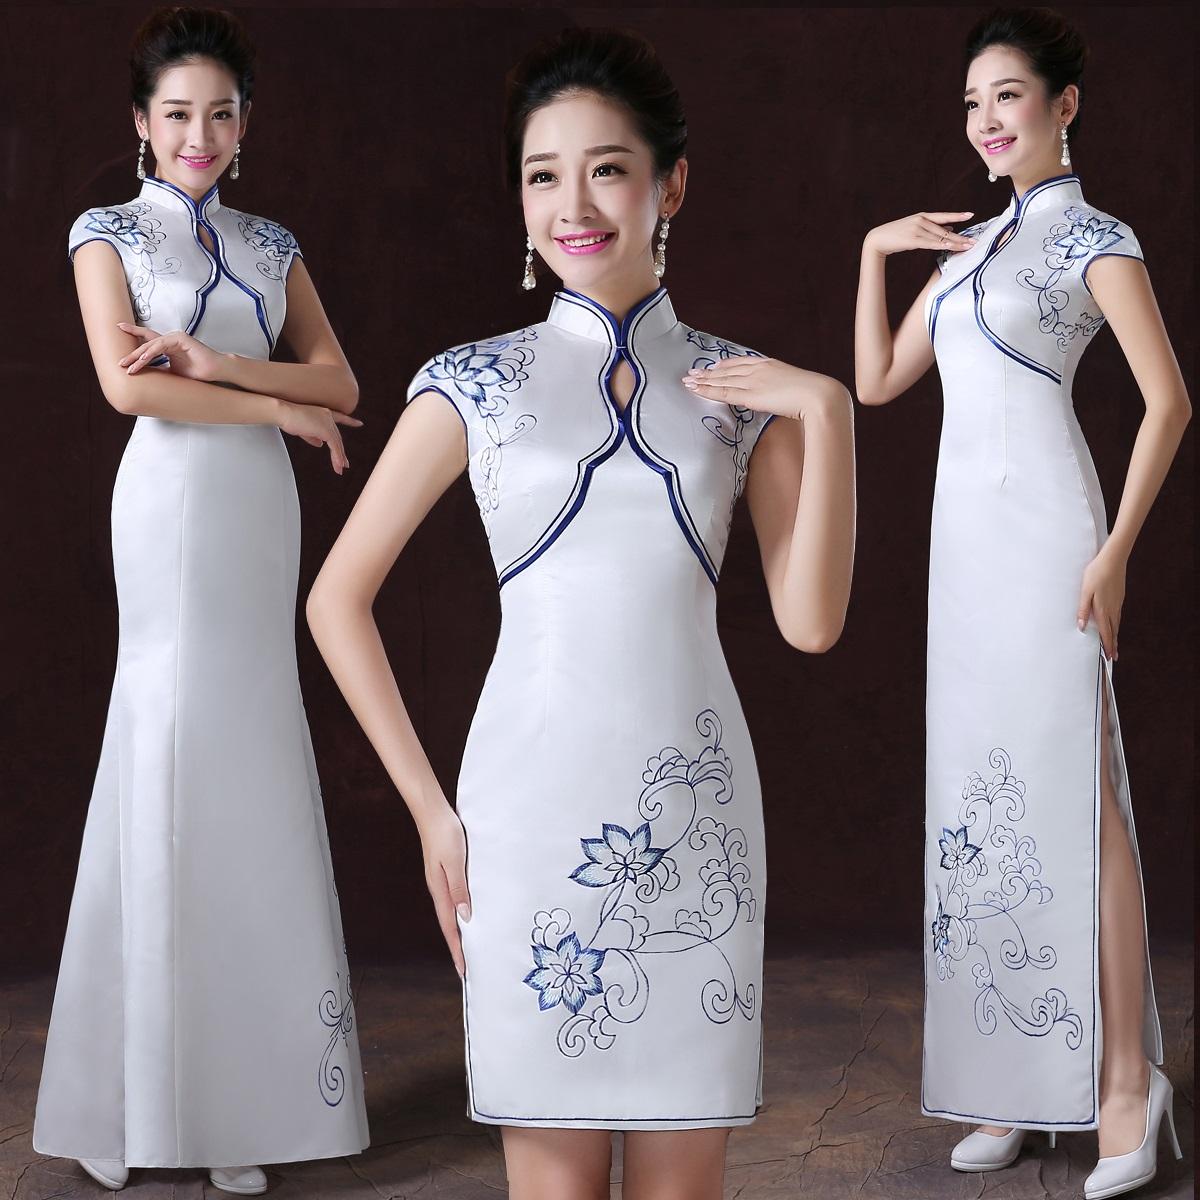 礼仪旗袍长款服装迎宾小姐青花瓷旗袍红色长短款酒店礼仪服装